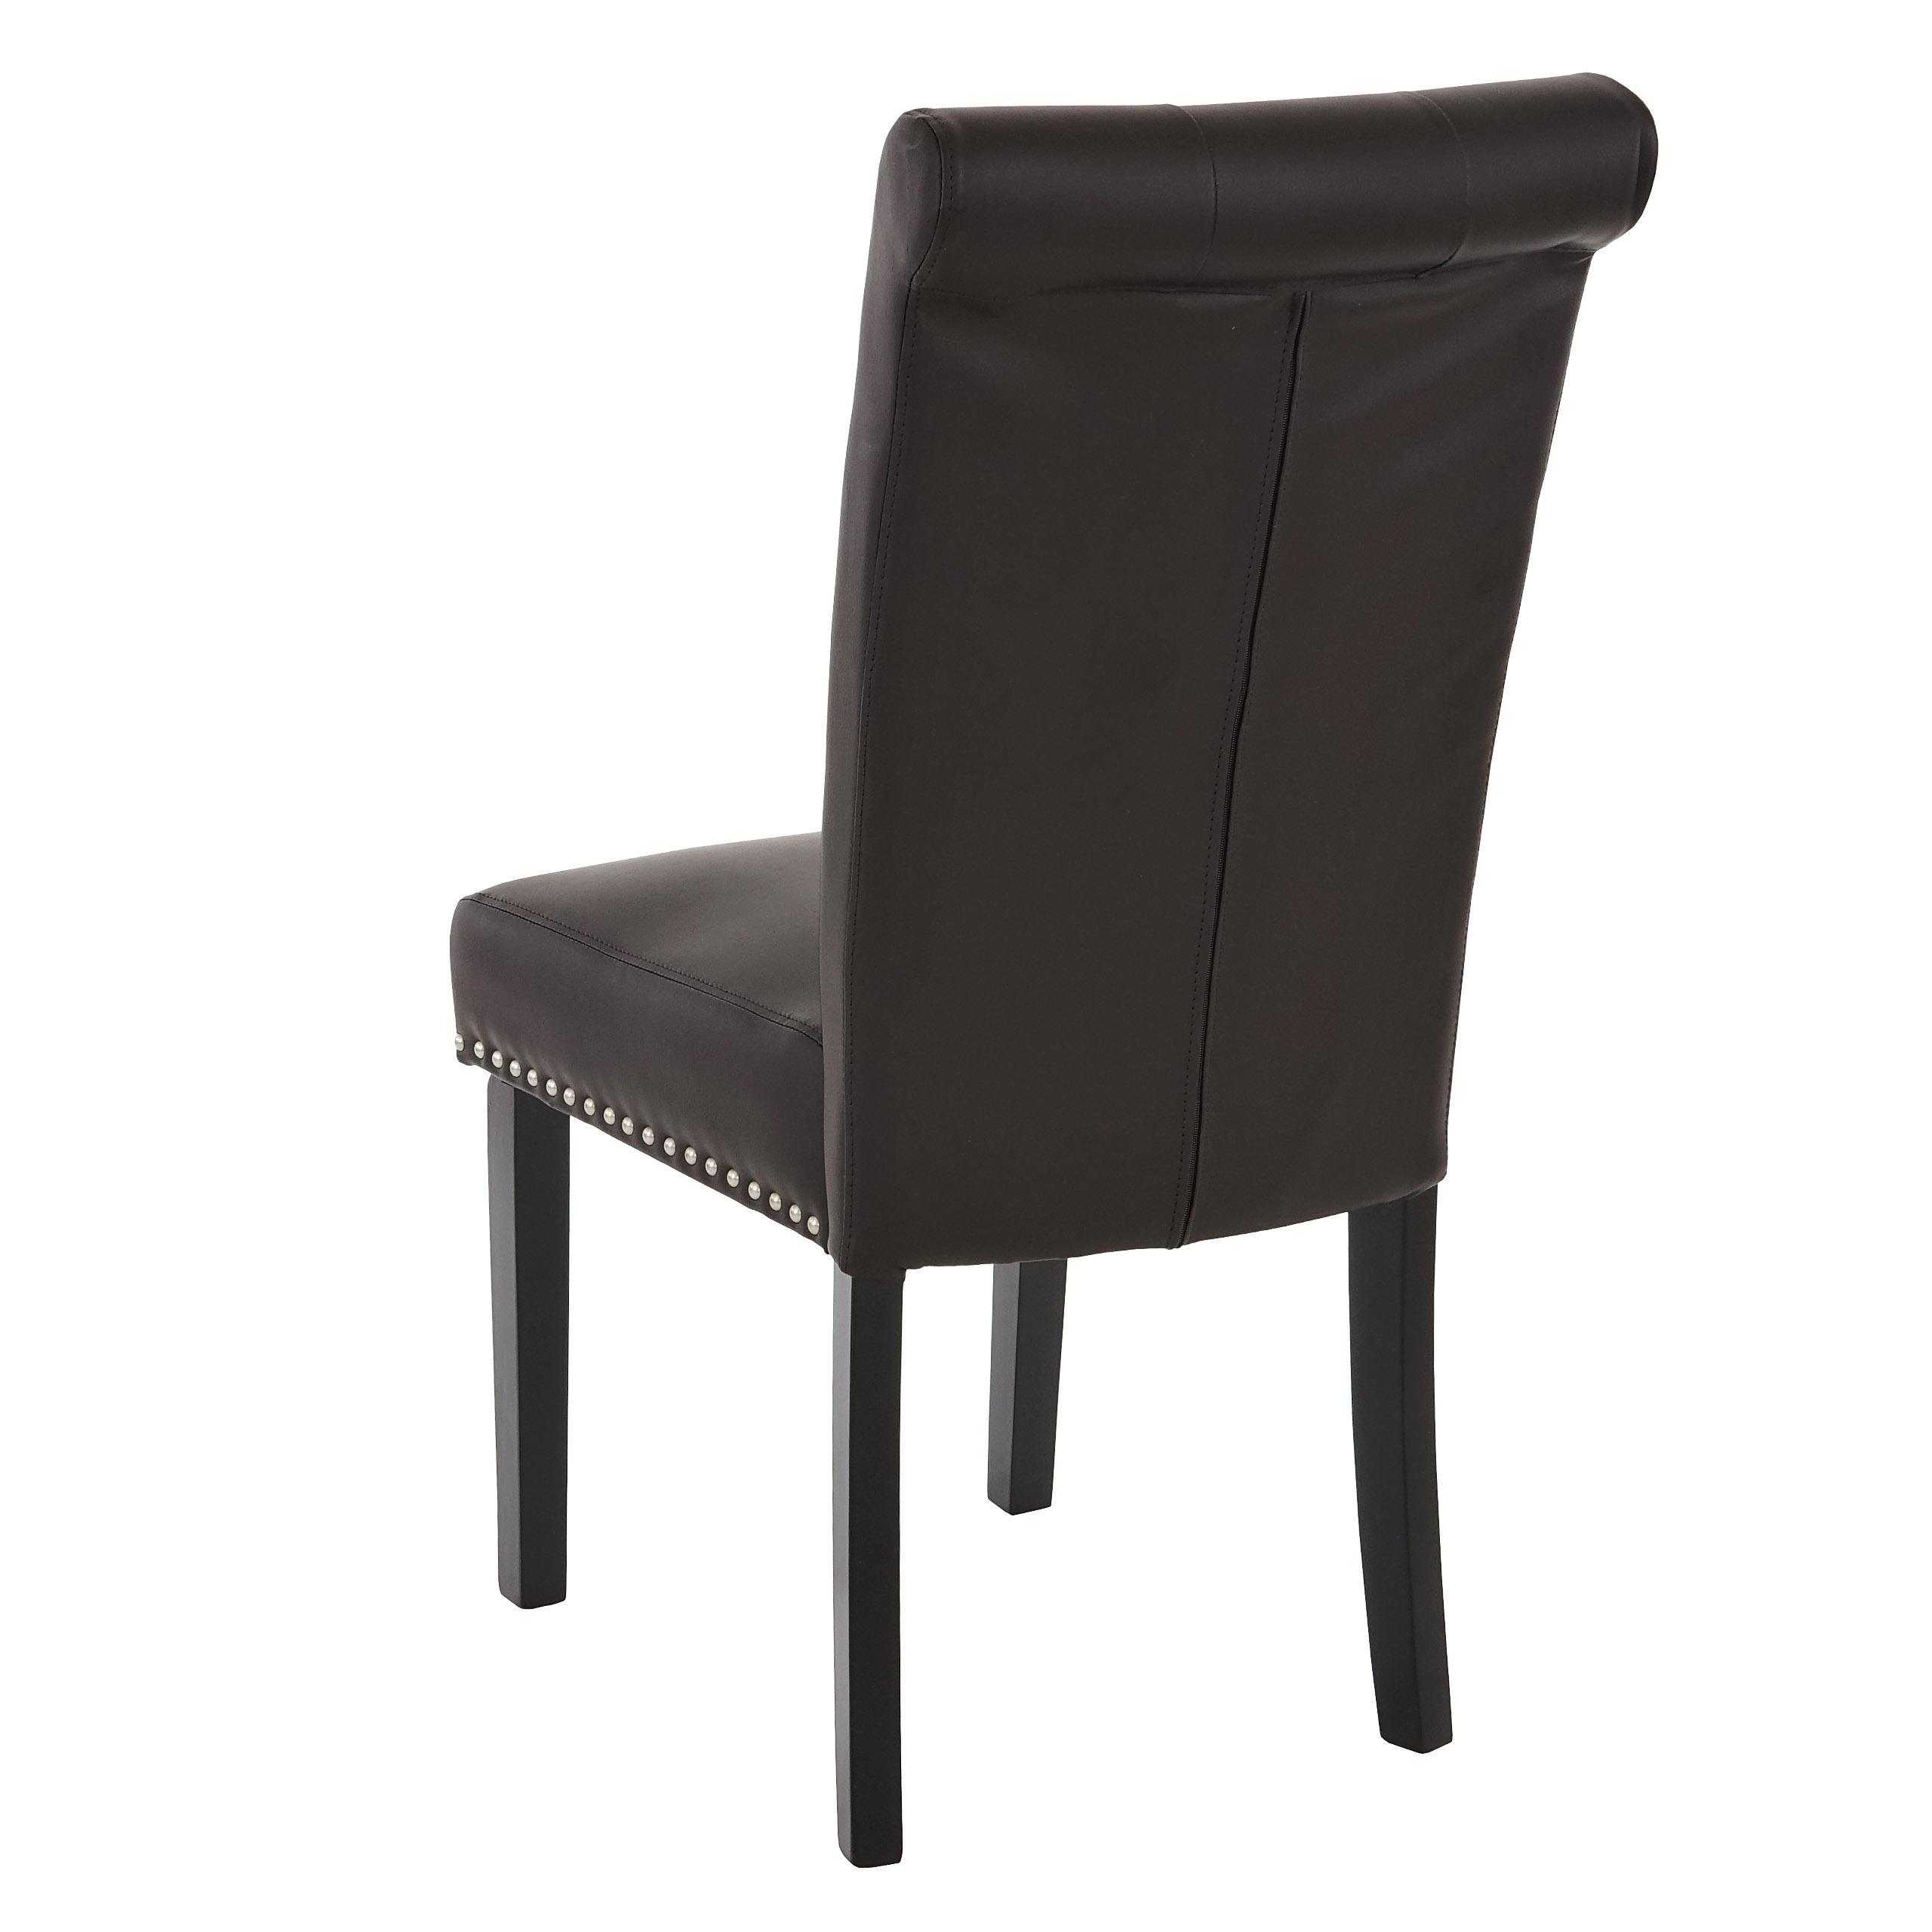 Conjunto de 2 sillas de comedor odesa piel marr n y patas for Sillas de comedor tapizadas en piel